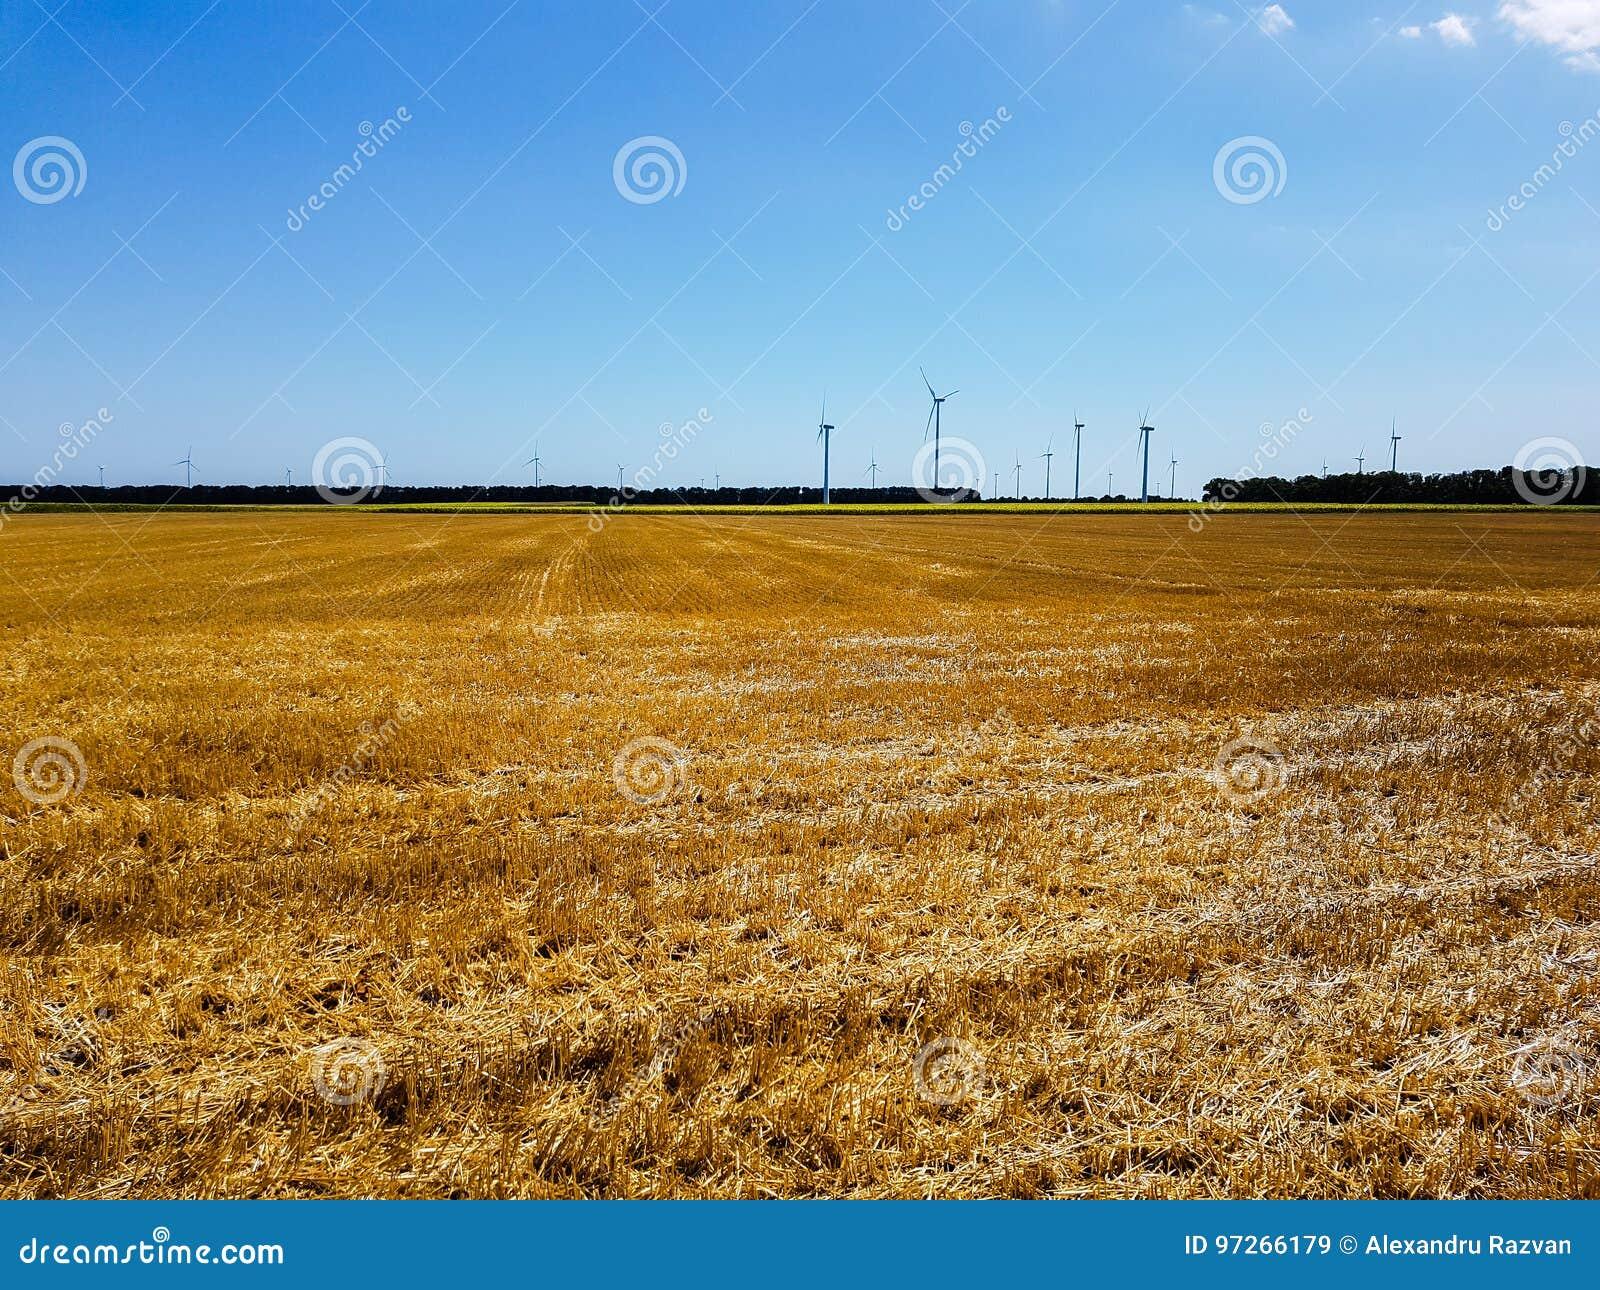 Makt av vind och det åkerbruka fältet